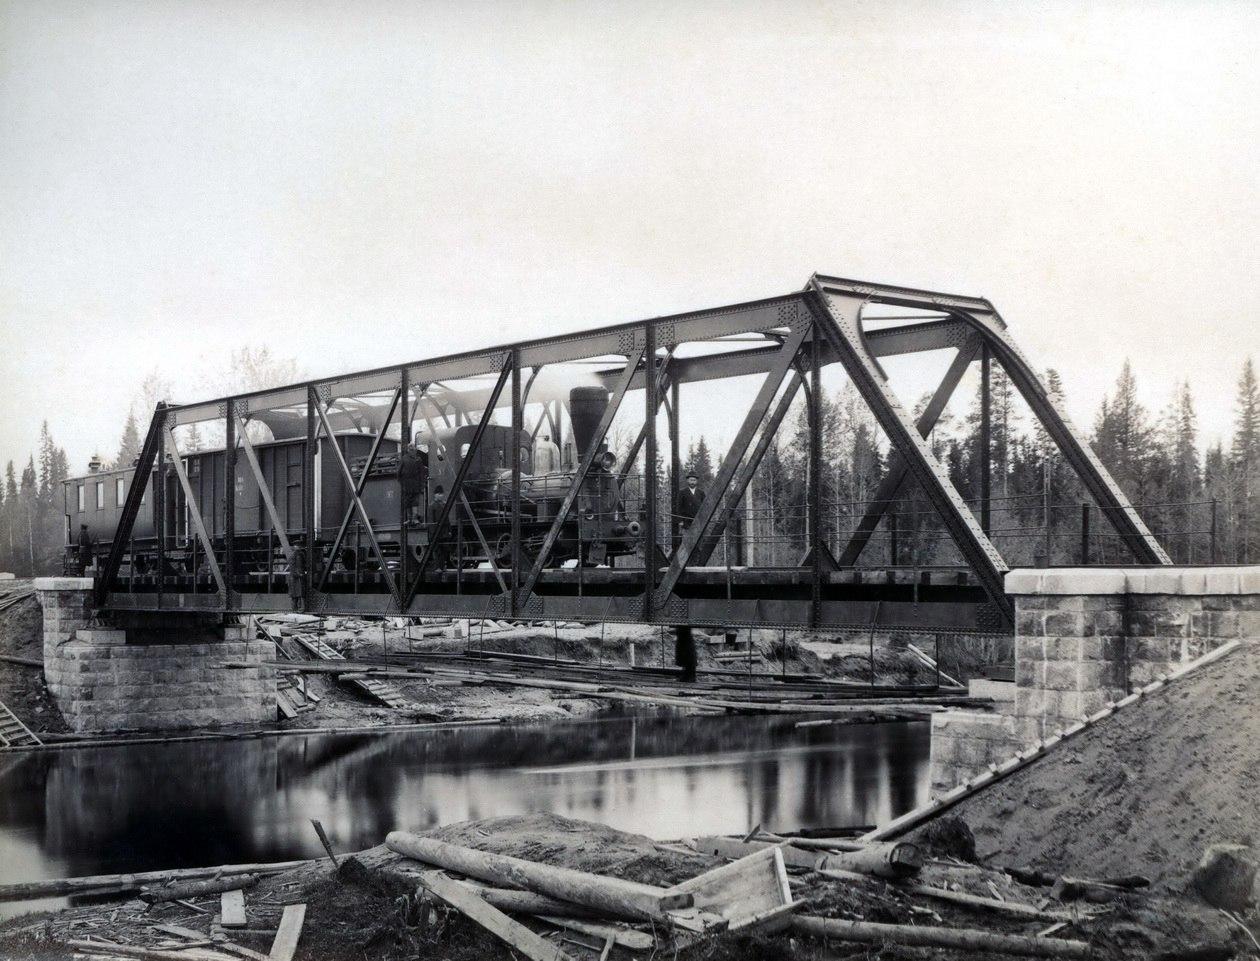 241-я верста от Вологды, мост через реку Вандыш, 1896-1897